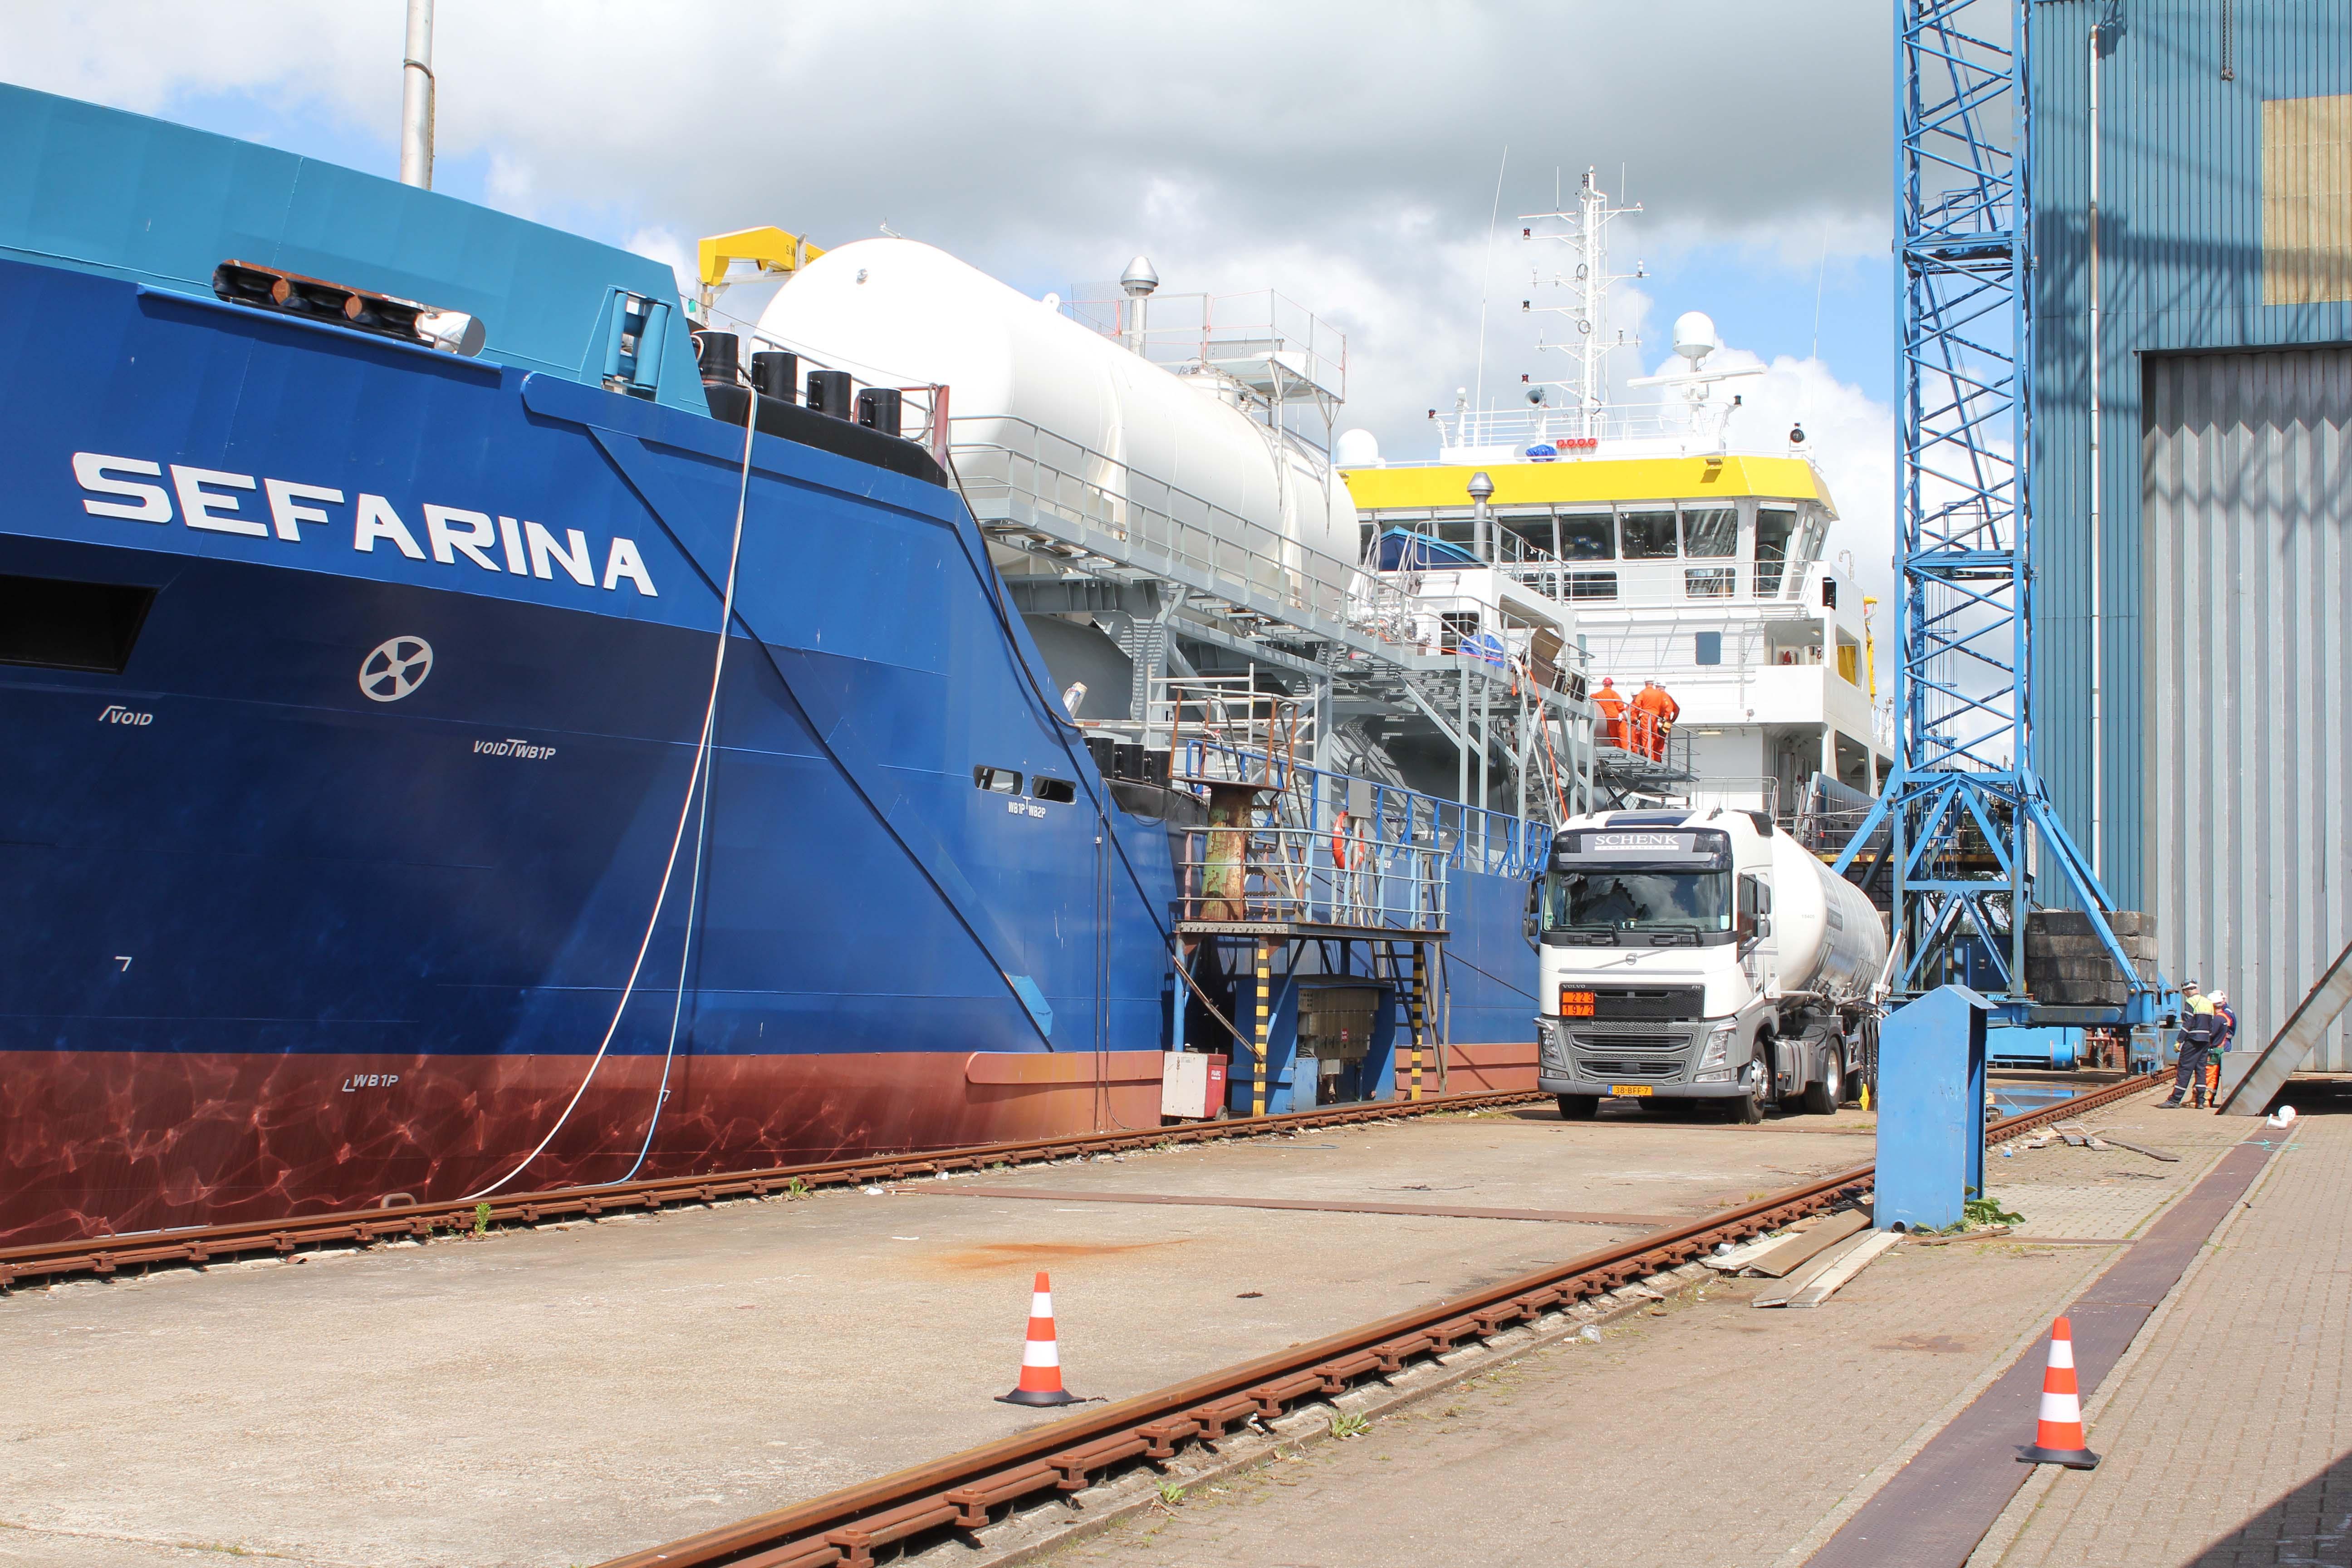 Fotot van LNG-aangedreven tanker Sefarina van rederij Chemgas Shipping, die bij de SCHN scheepswerf in Foxhol voor het eerst werd gebunkerd met vloeibaar aardgas.